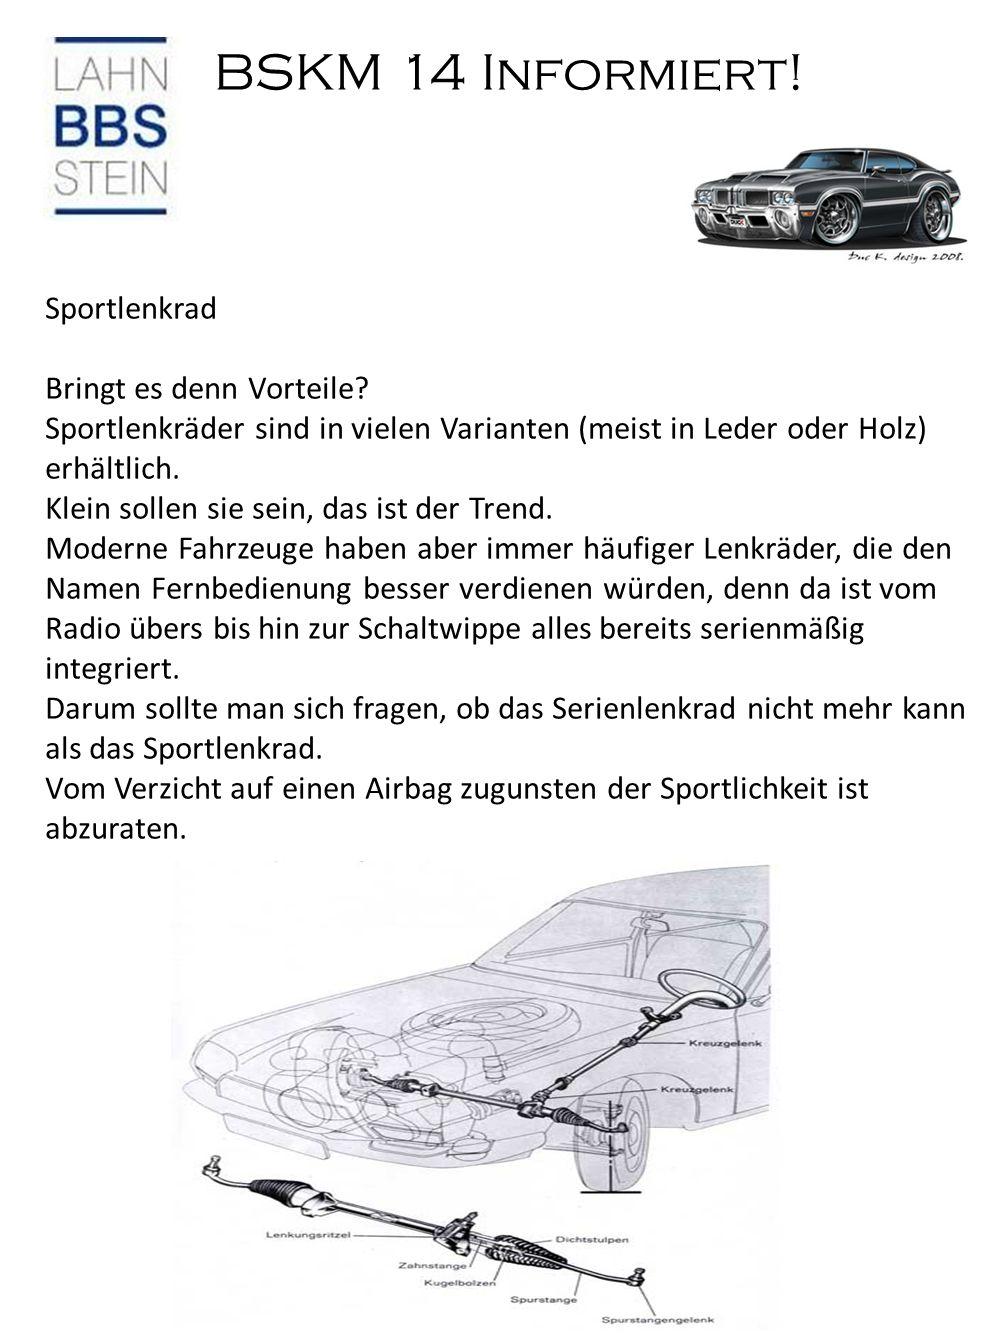 BSKM 14 Informiert! Sportlenkrad Bringt es denn Vorteile? Sportlenkräder sind in vielen Varianten (meist in Leder oder Holz) erhältlich. Klein sollen